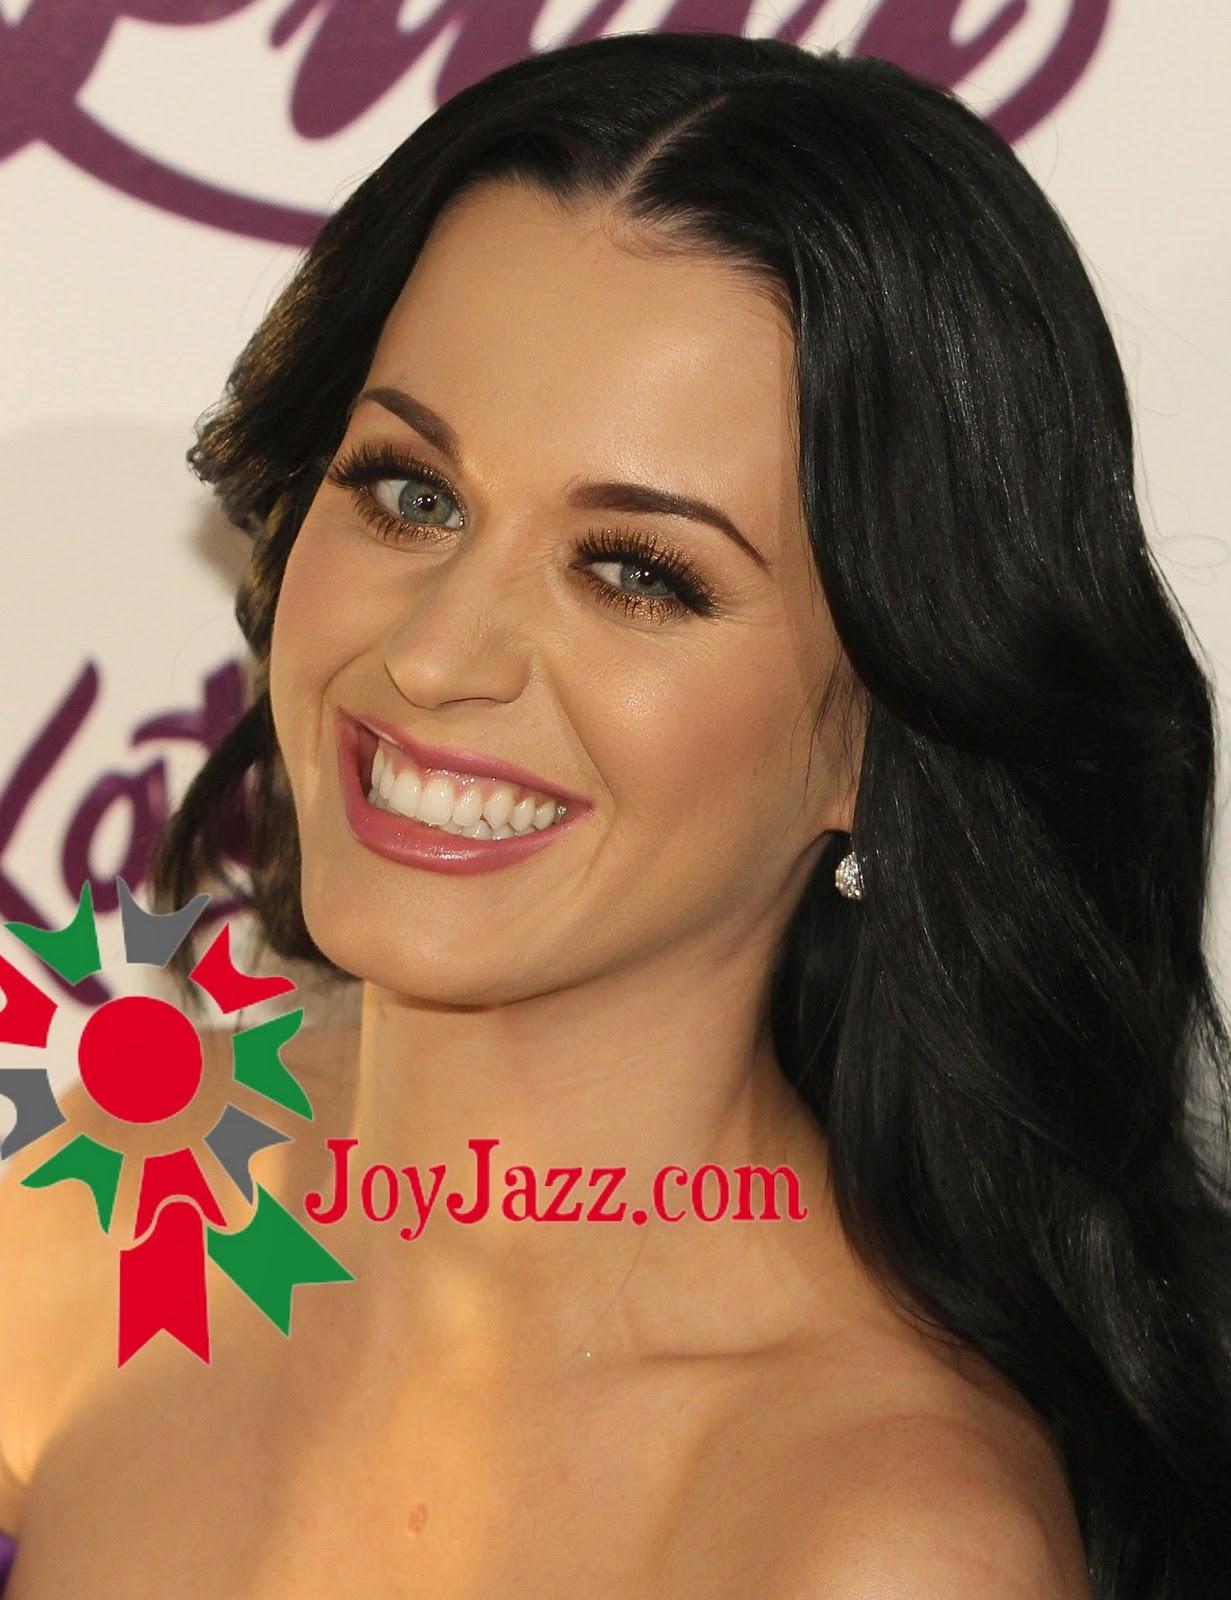 http://3.bp.blogspot.com/_0LdSrYkvVVk/TVLXW7X5boI/AAAAAAAACVY/A-eovXaYPHo/s1600/Katy-Perry-111.jpg